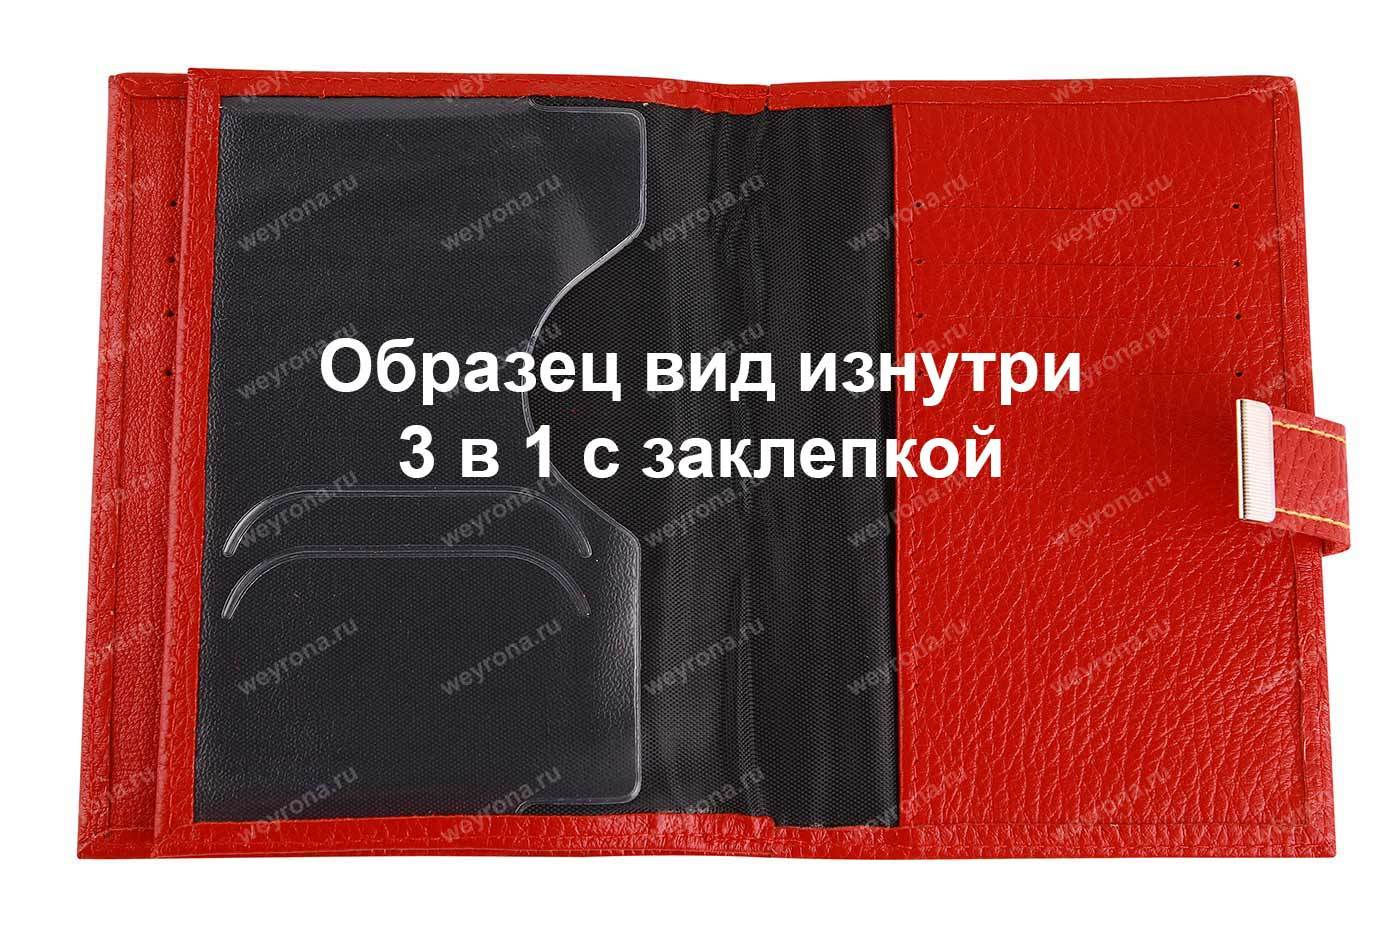 Обложка с заклепкой ФЛОТЕР КРАСНЫЙ  3 в 1 (ТЕЛЯЧЬЯ КОЖА)